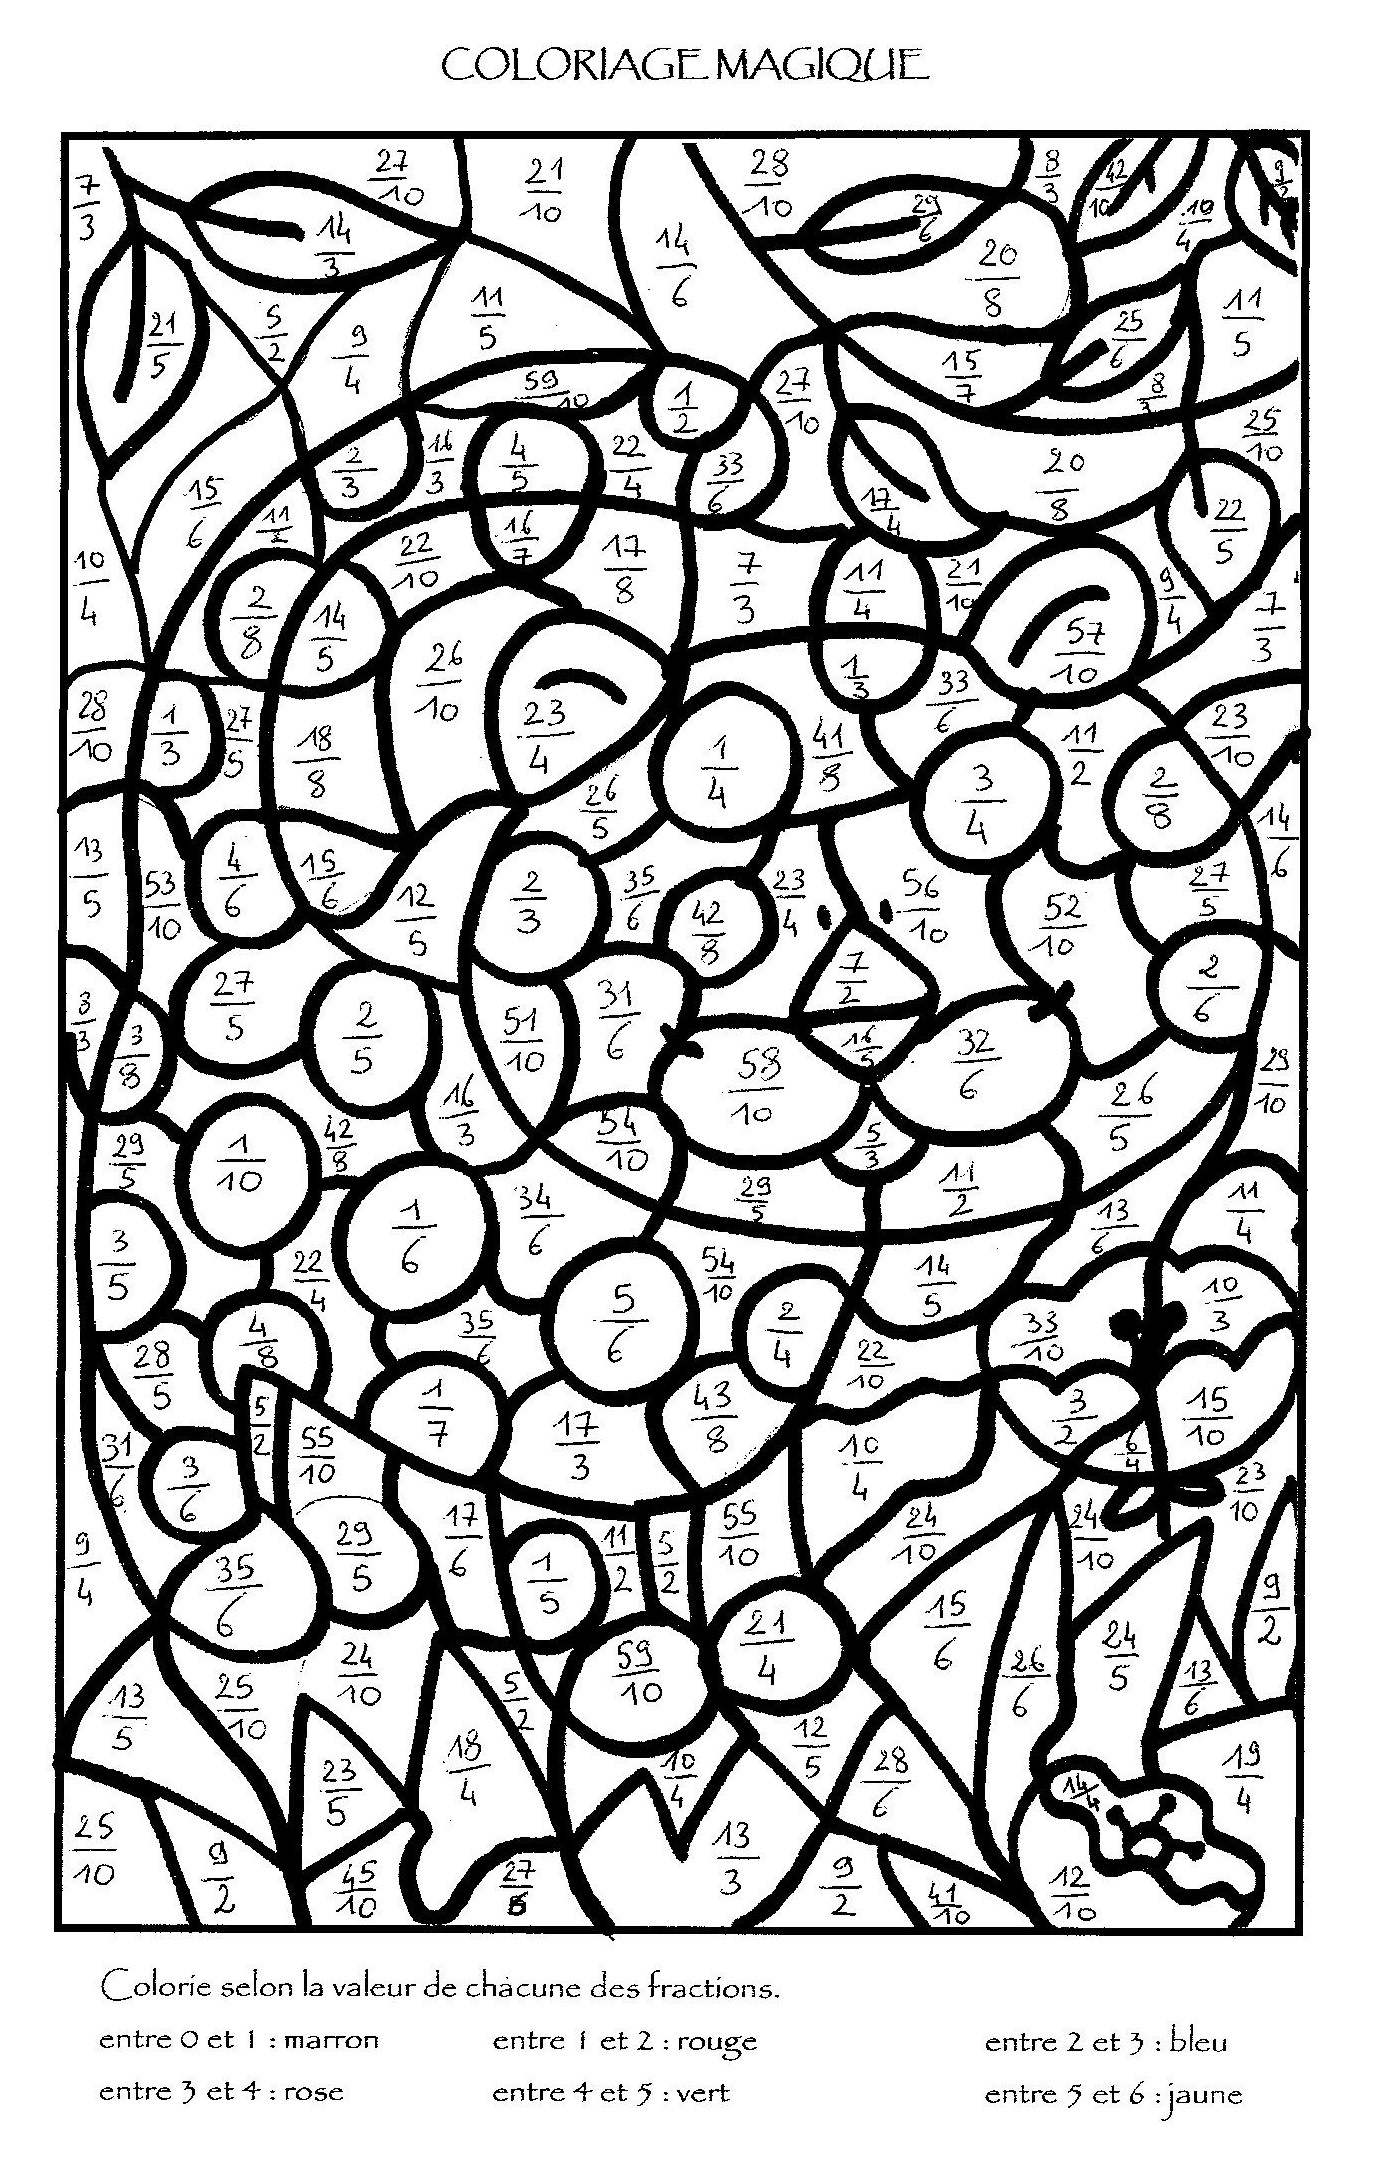 Coloriage Magique Paques Multiplication encequiconcerne Coloriage Magique Paques Imprimer